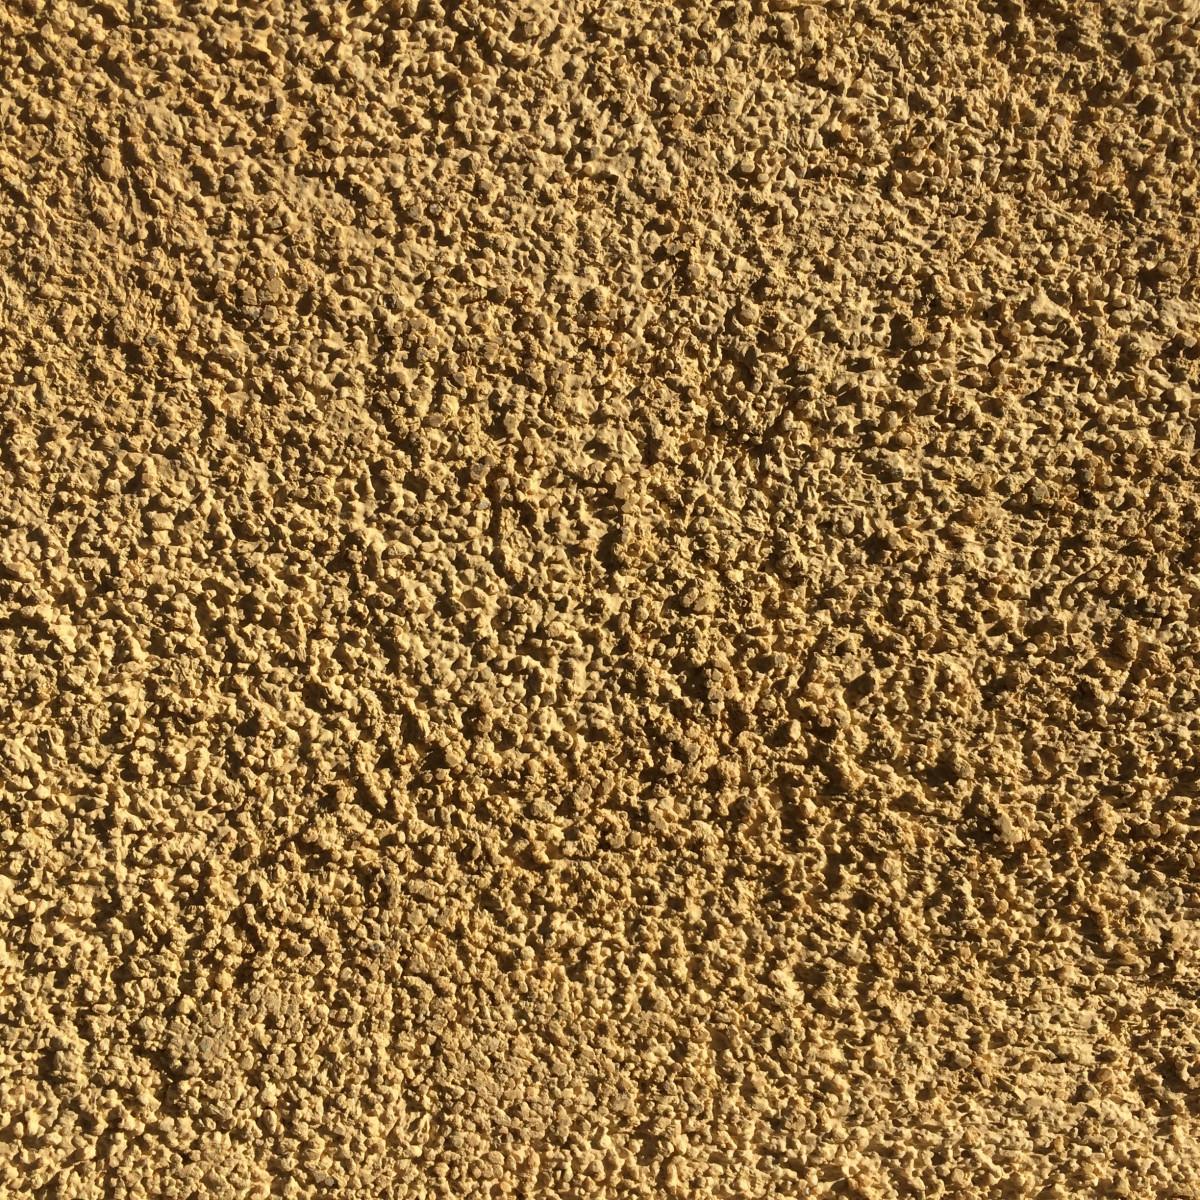 Free Images Sand Wood Texture Floor Wall Asphalt